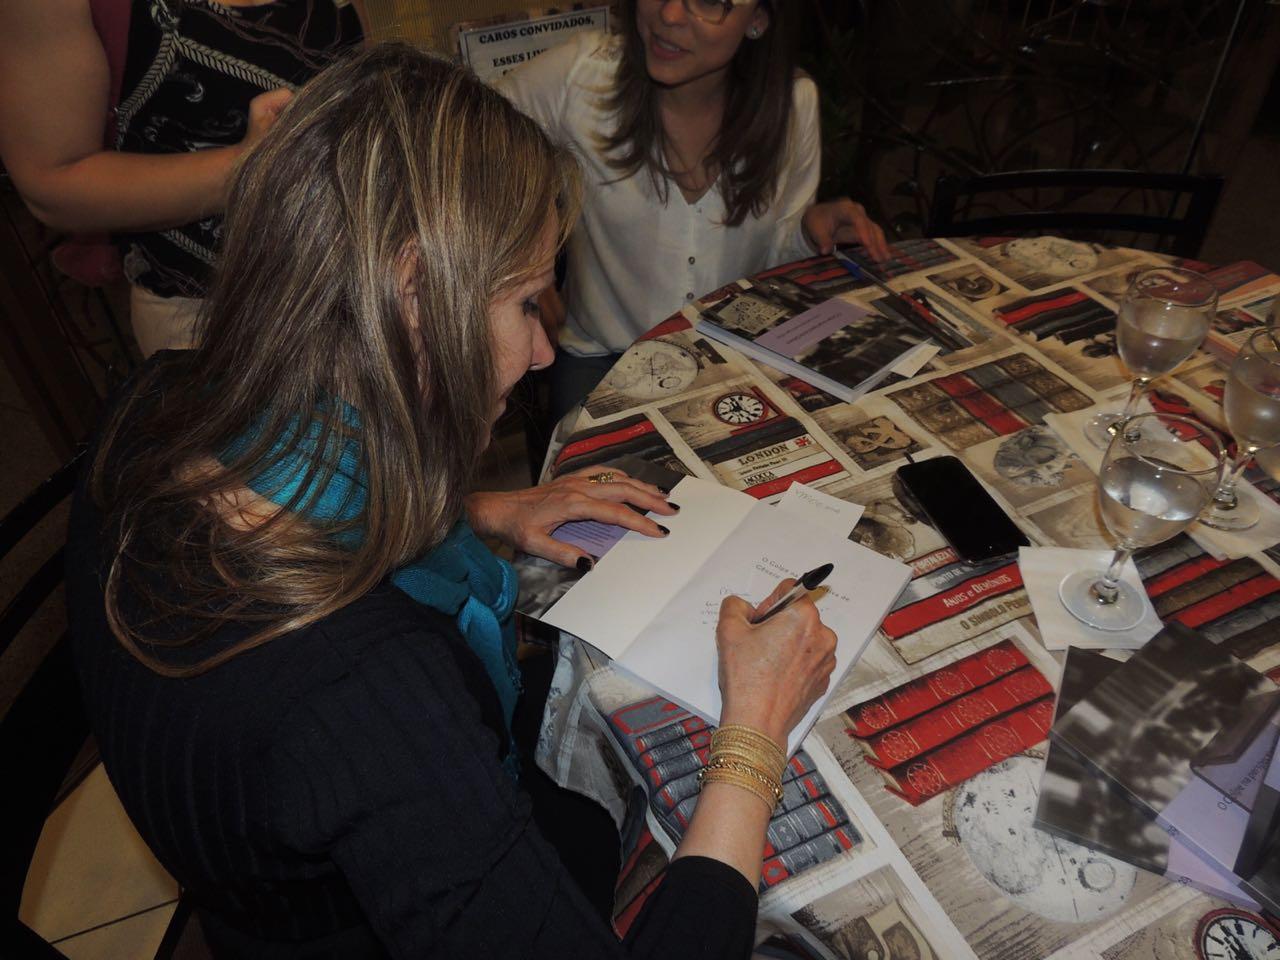 """Senadora Vanessa Grazziotin assina o ensaio """"Dilma : símbolo par a a participação política feminina"""" no livro. Foto: Arquivo pessoal / Fernanda Argolo"""